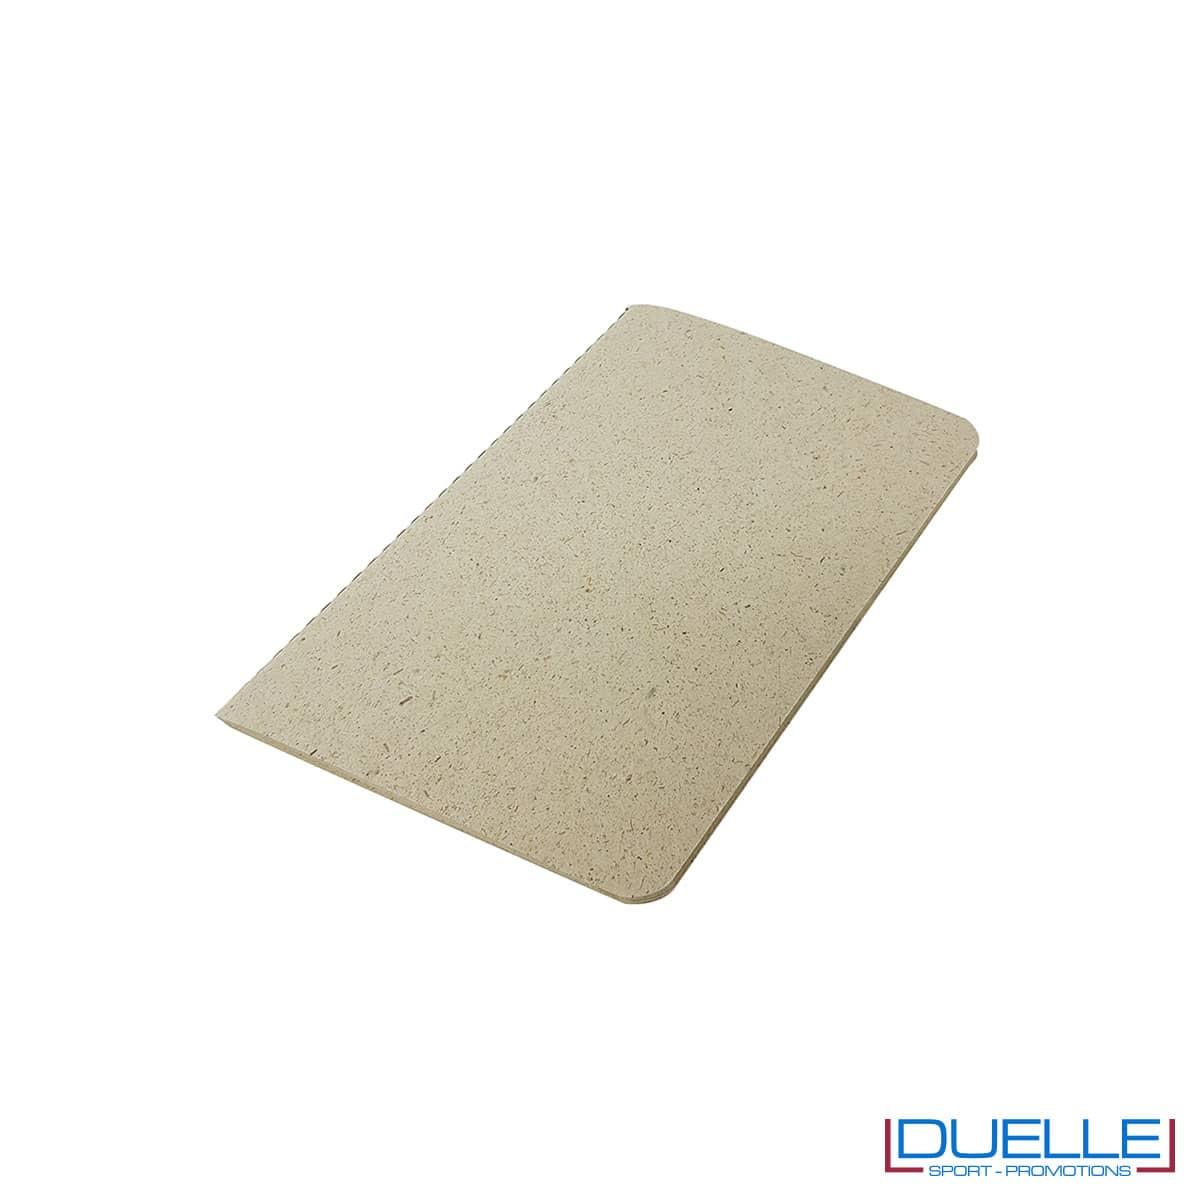 Taccuino A6 in carta di erba essiccata e cellulosa personalizzato